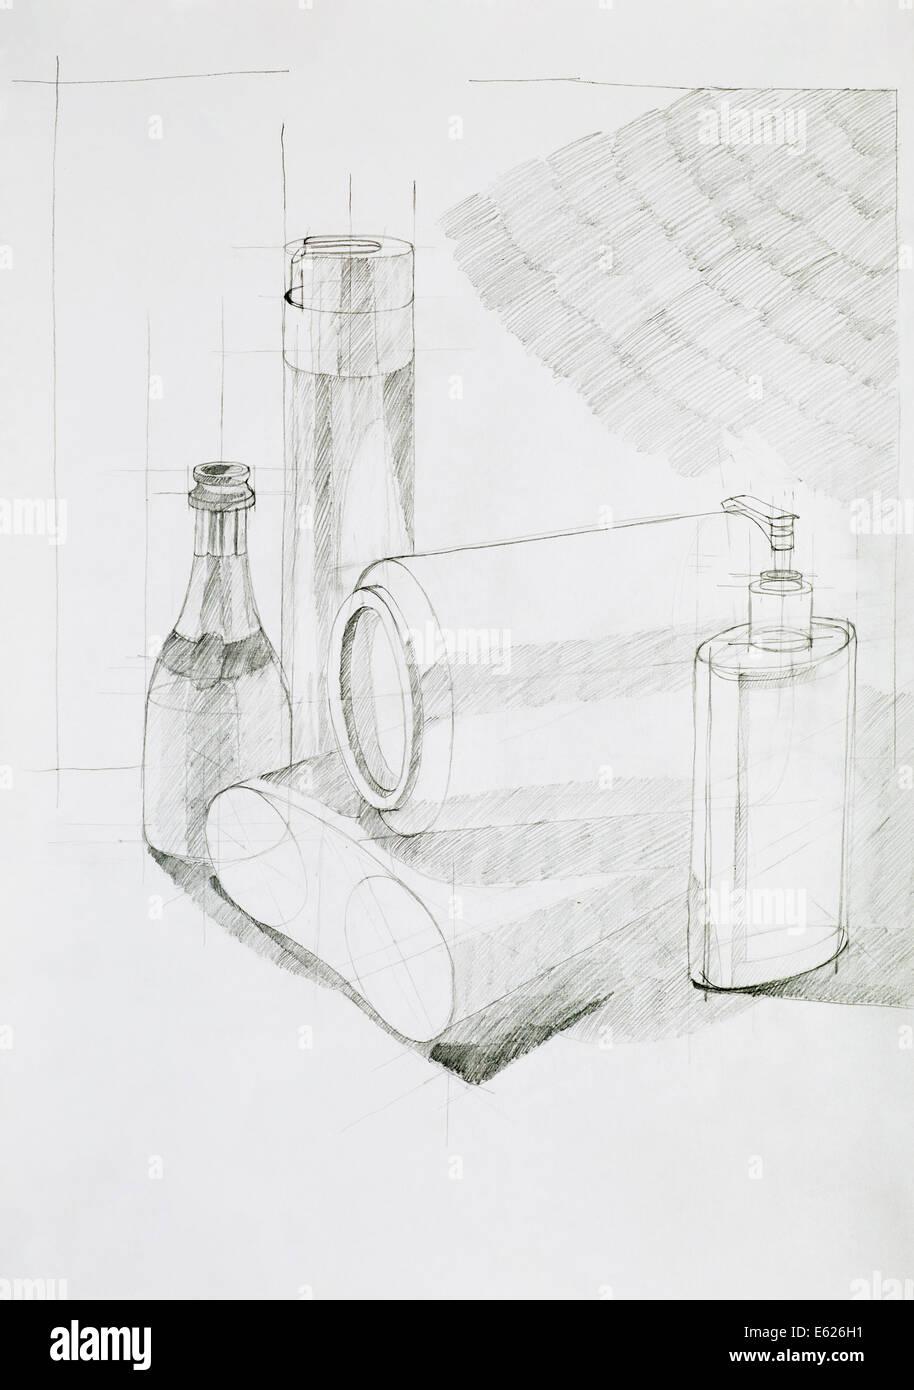 Disegnata a mano illustrazione, studio artistico della composizione di oggetti Immagini Stock